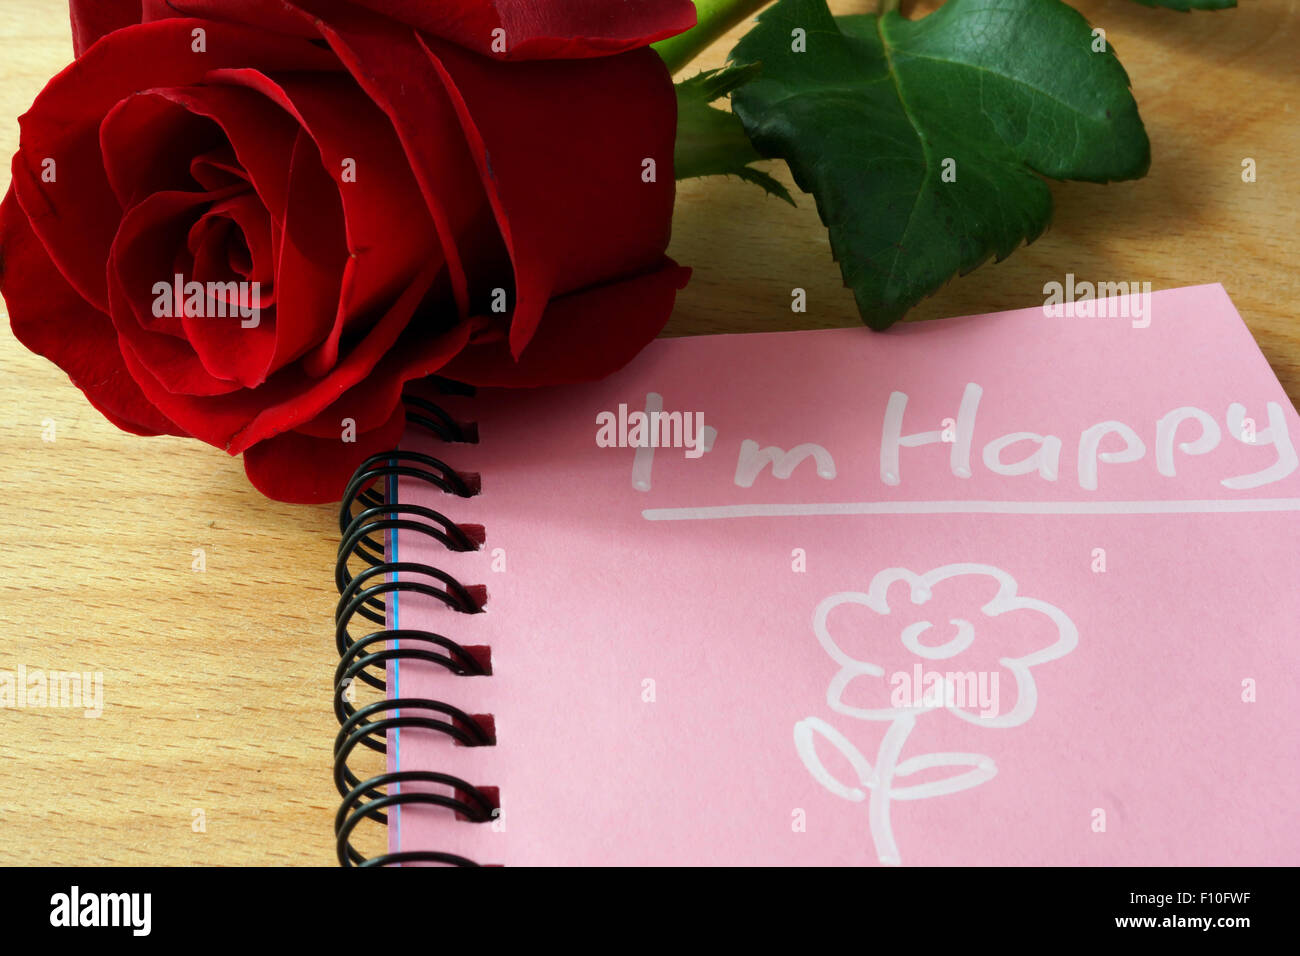 Rosa Notizblock Mit Ich Bin Glücklich Und Stieg Auf Einen Hölzernen